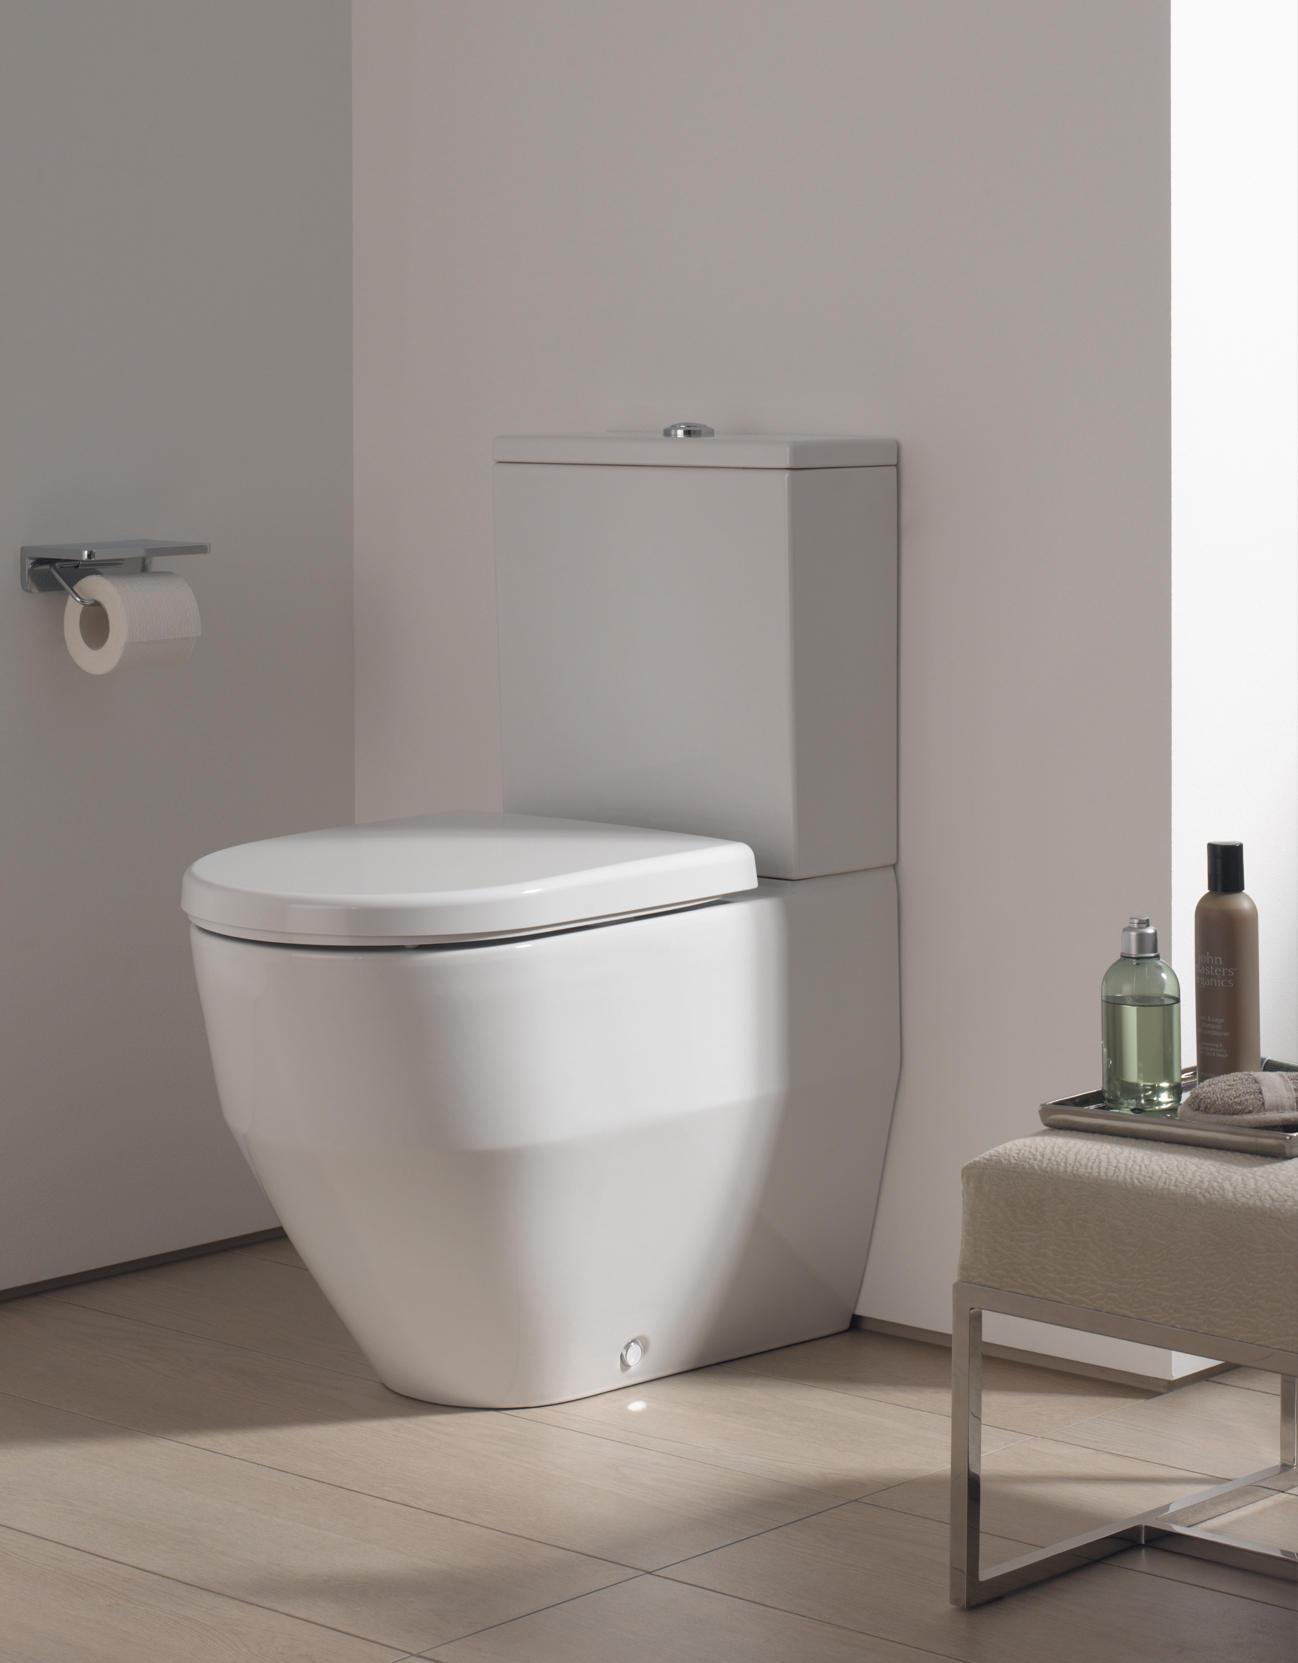 laufen pro s wand wc tiefsp ler klosetts von laufen. Black Bedroom Furniture Sets. Home Design Ideas